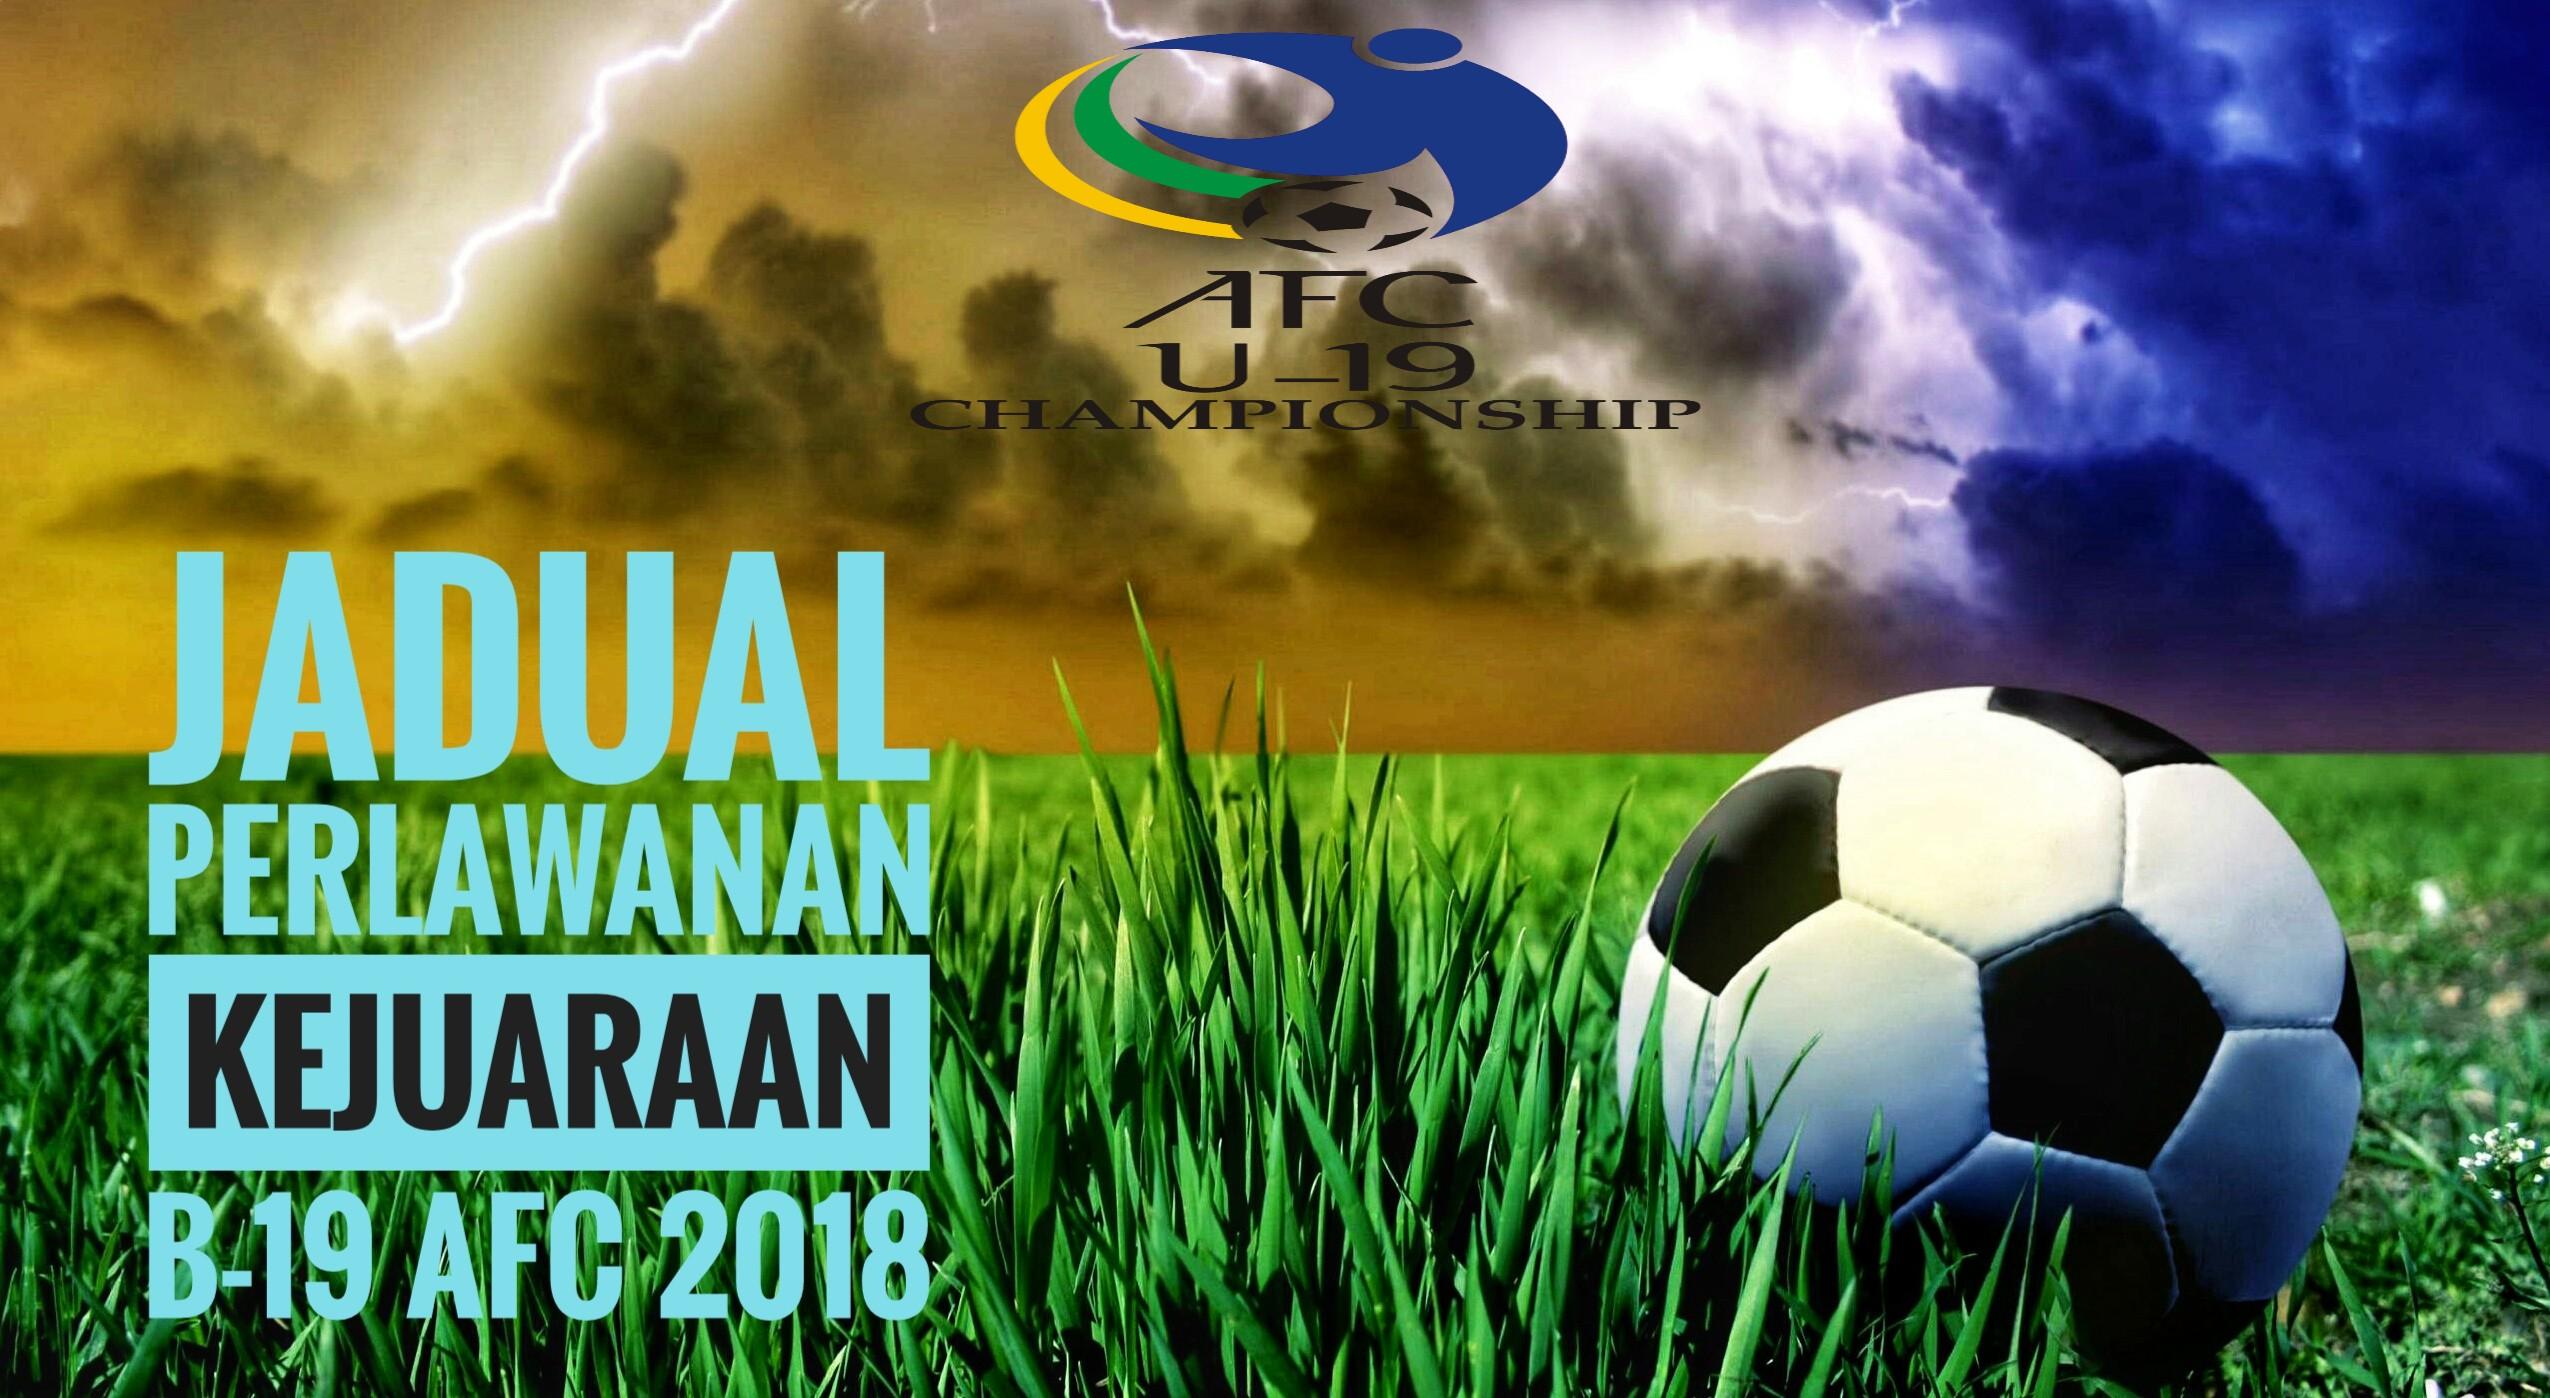 Jadual Perlawanan Kejuaraan B-19 AFC 2018